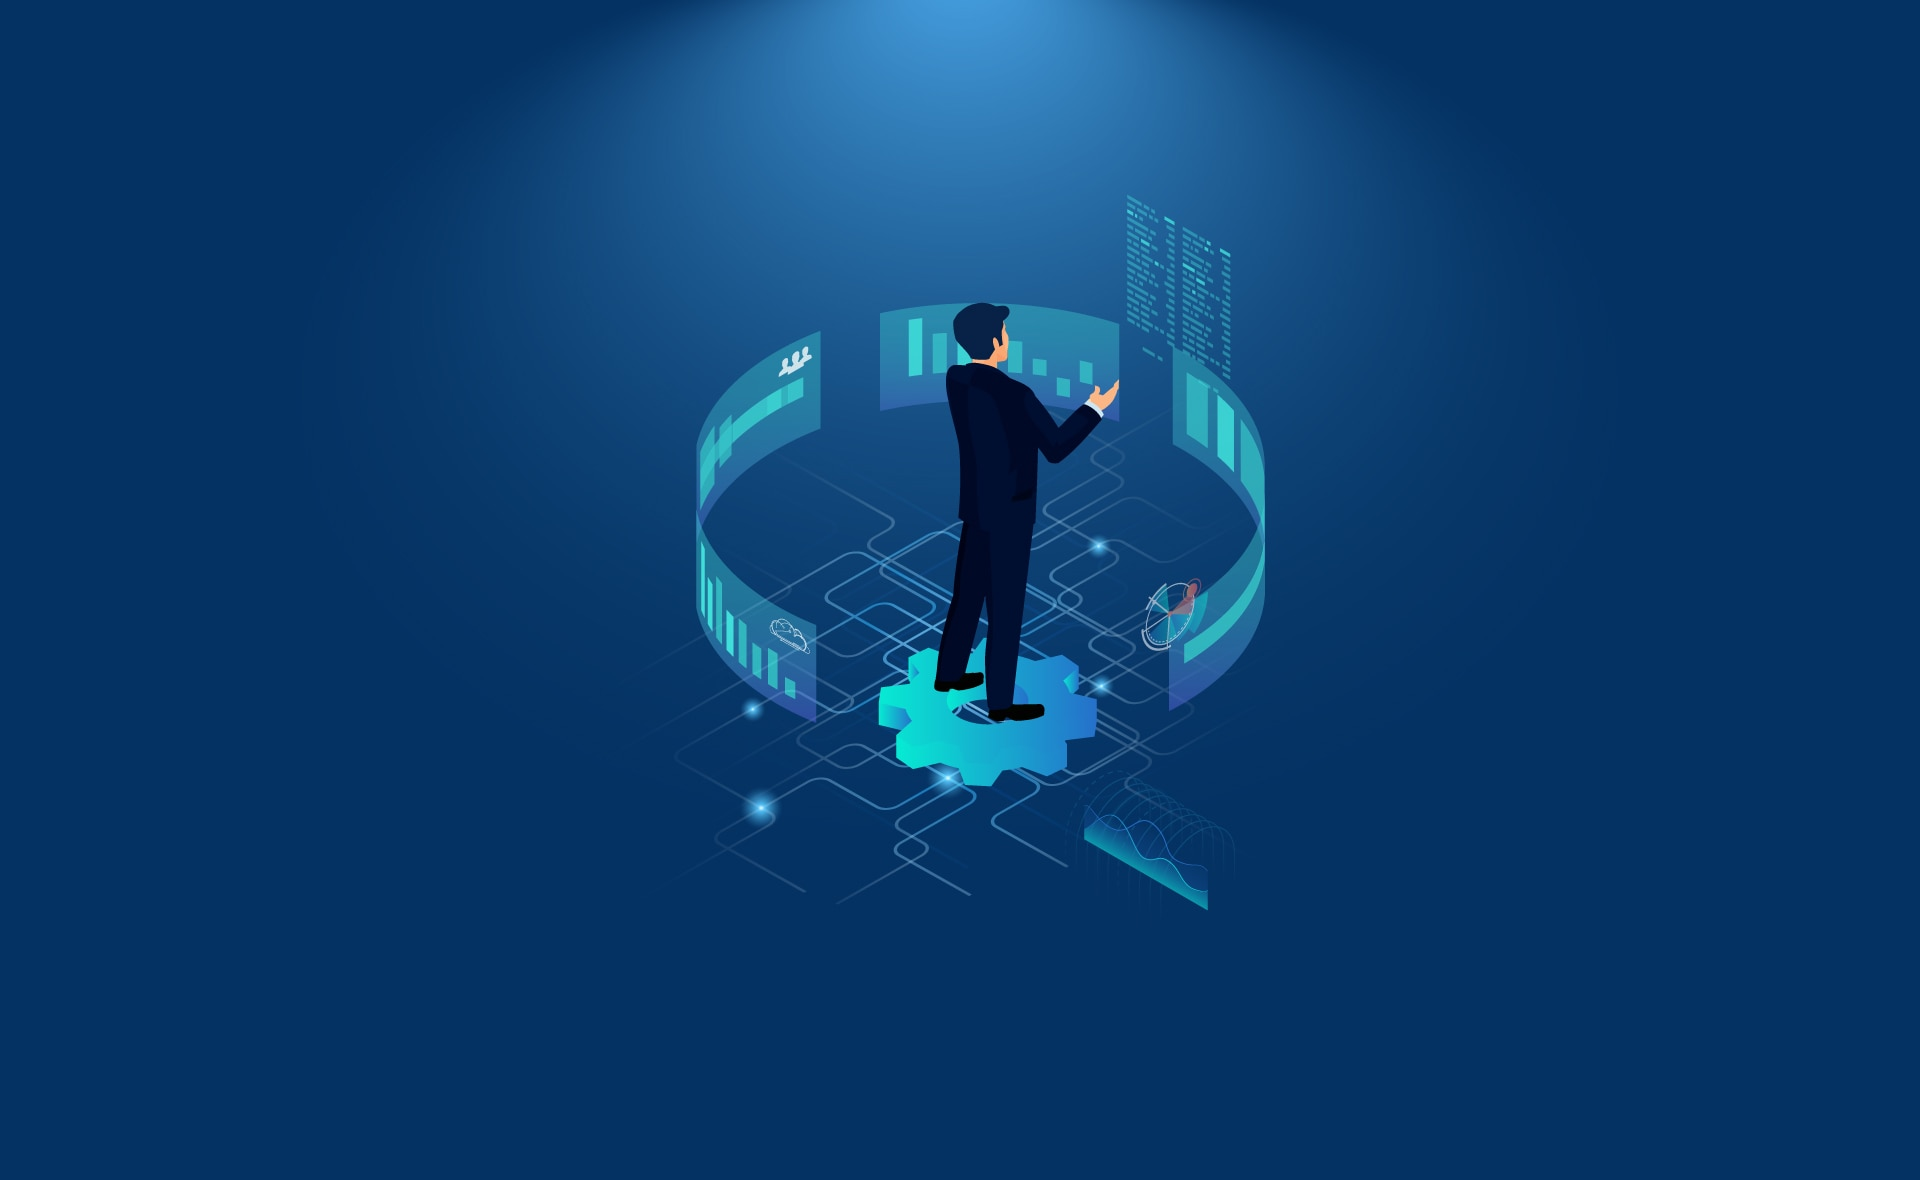 BBVA-podcast-open-banking-banca-negocio-personalizacion-servicios-financieros-datos-cliente